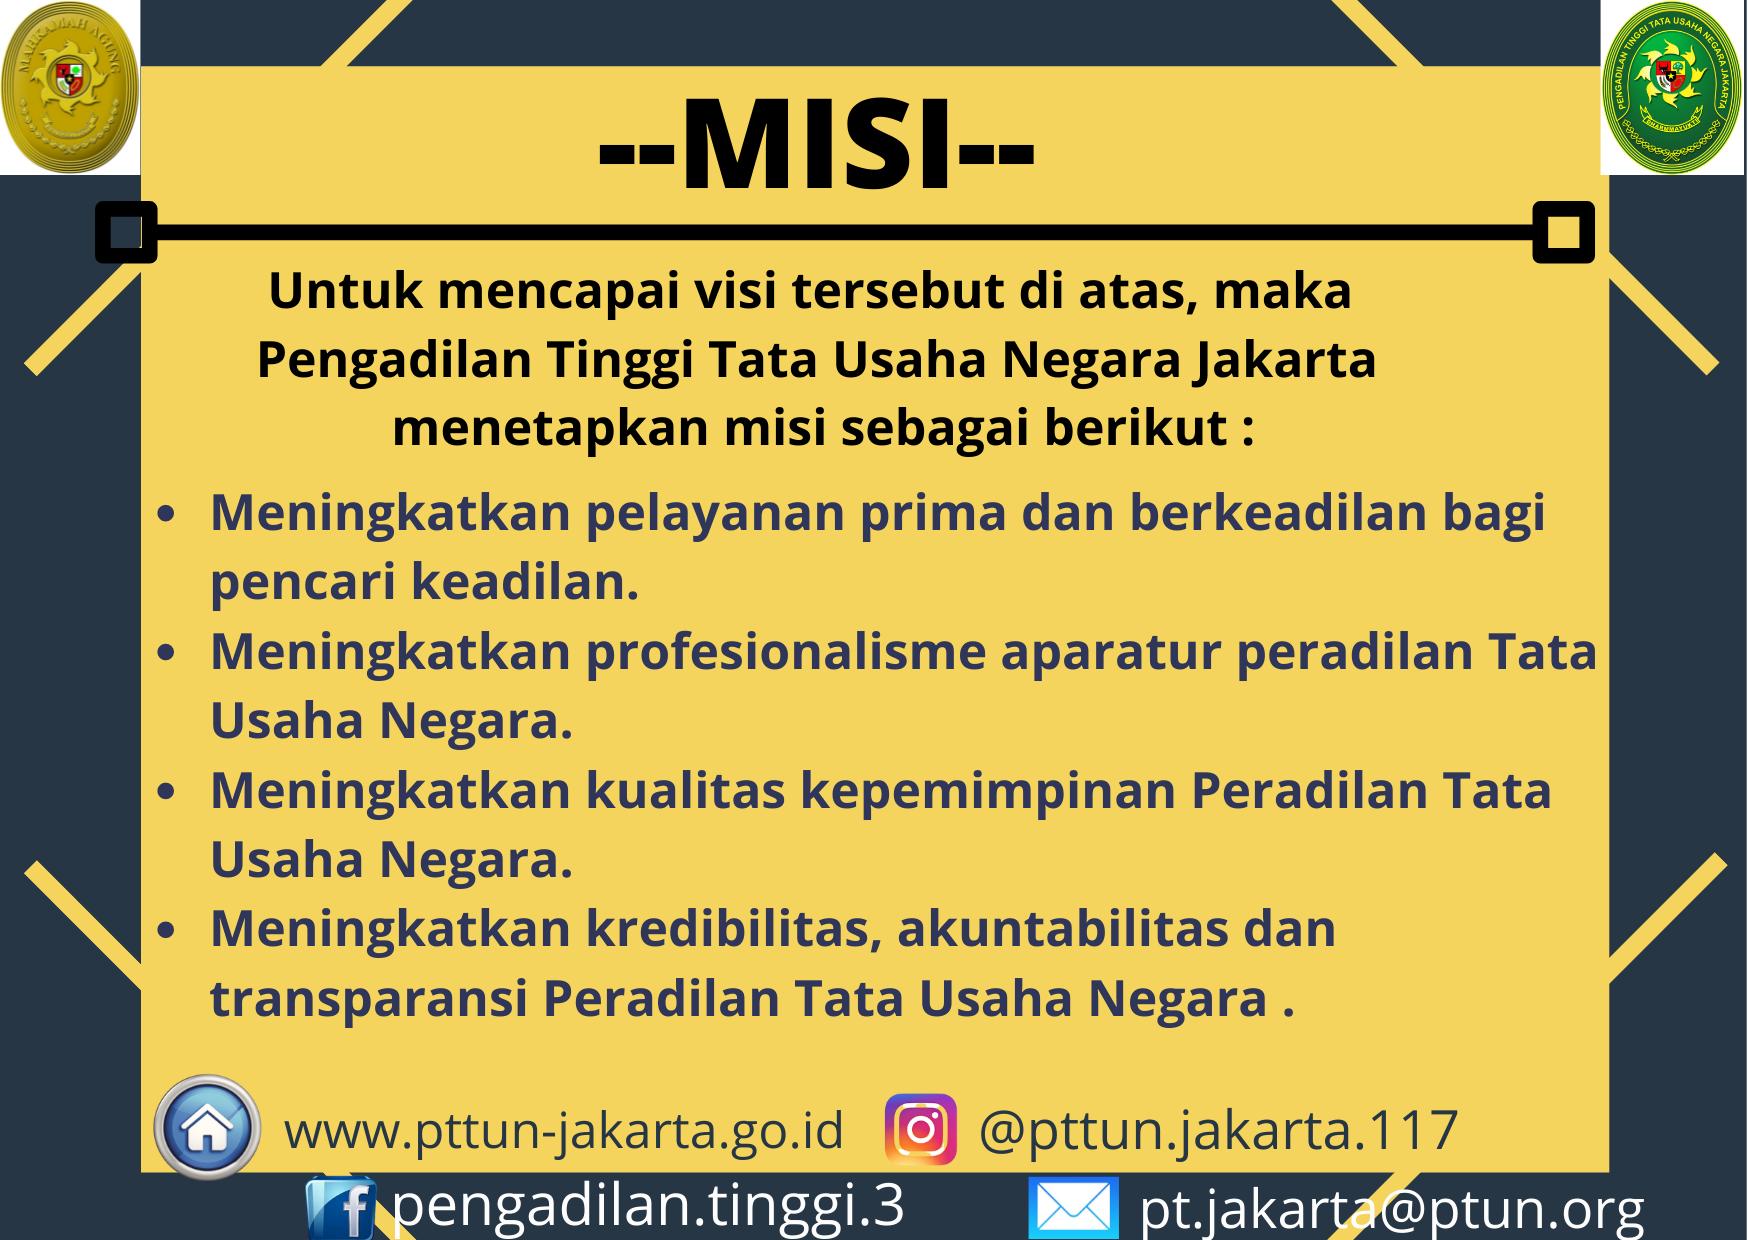 MISI PTTUN JAKARTA